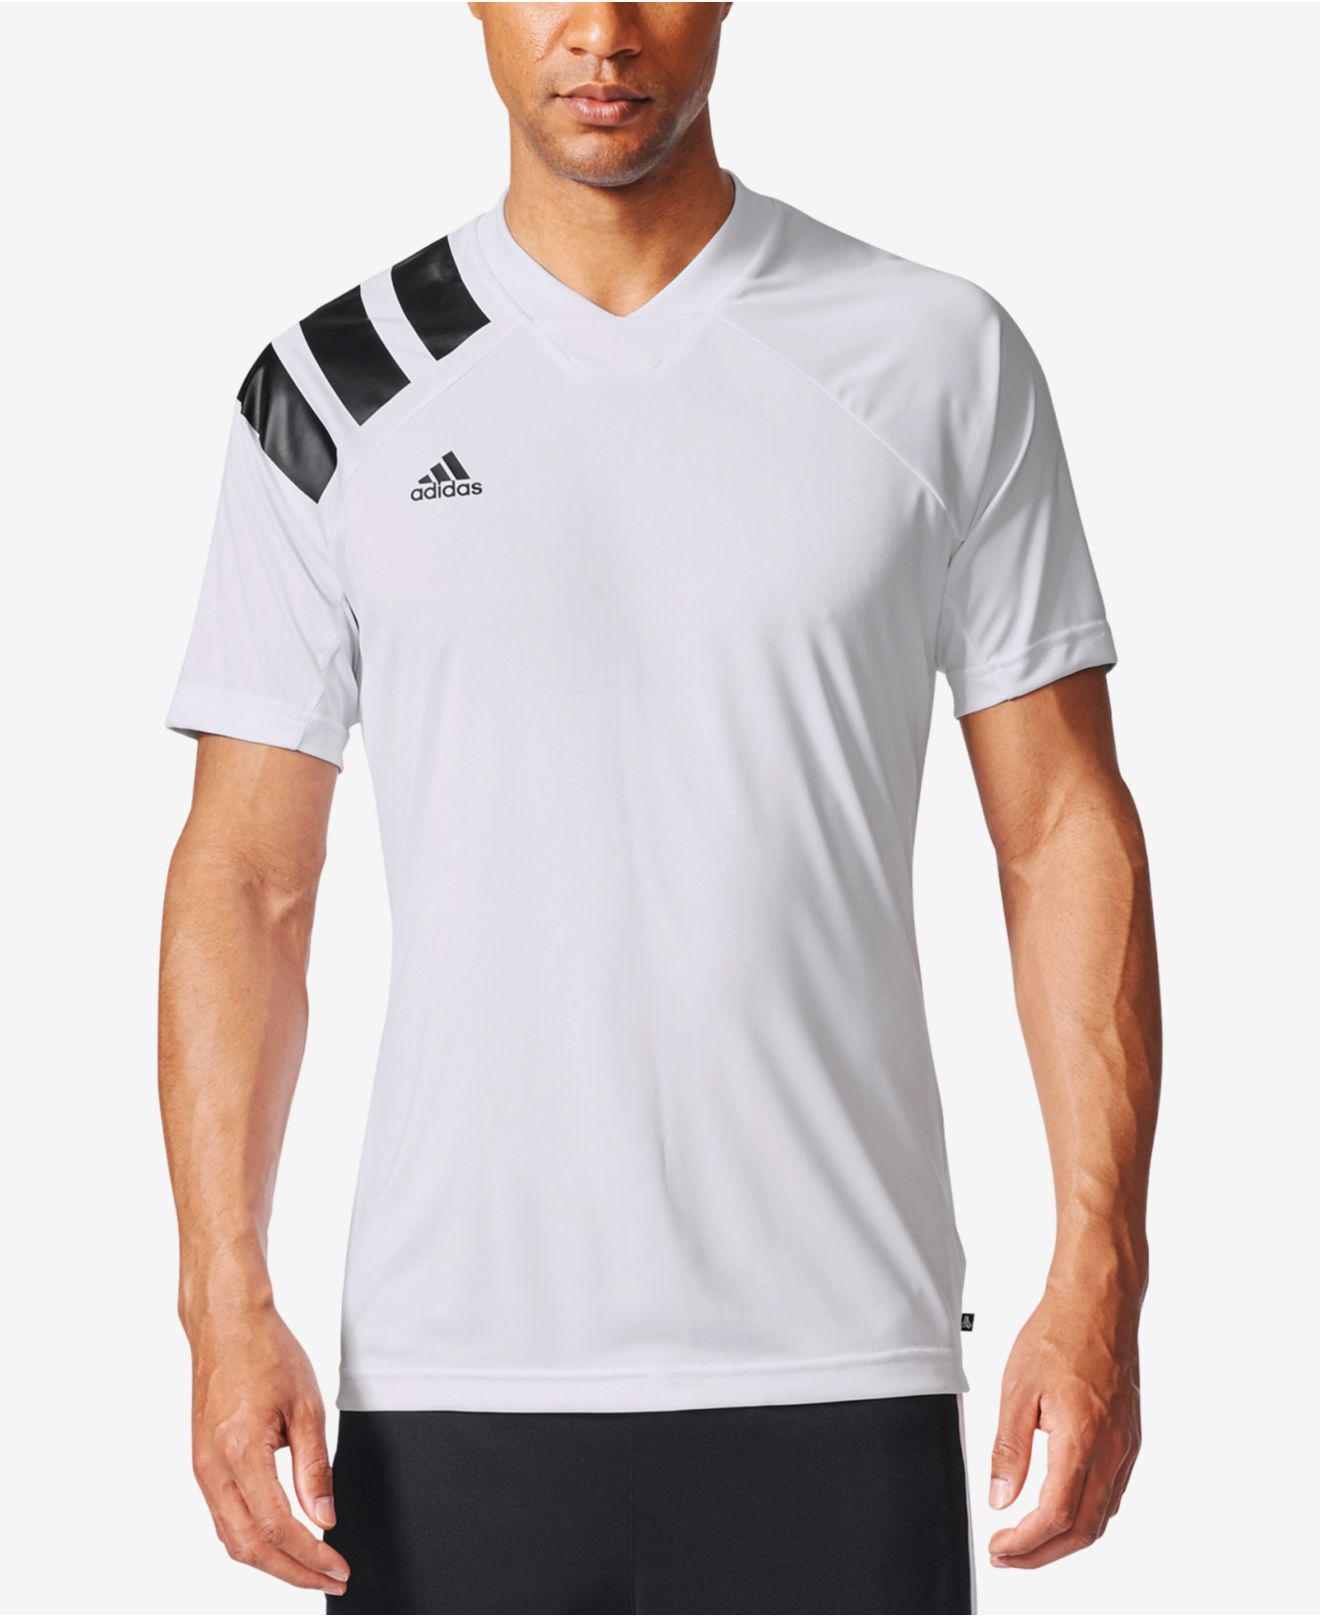 Lyst adidas tango climalite uomini ® calcio camicia bianca per gli uomini.